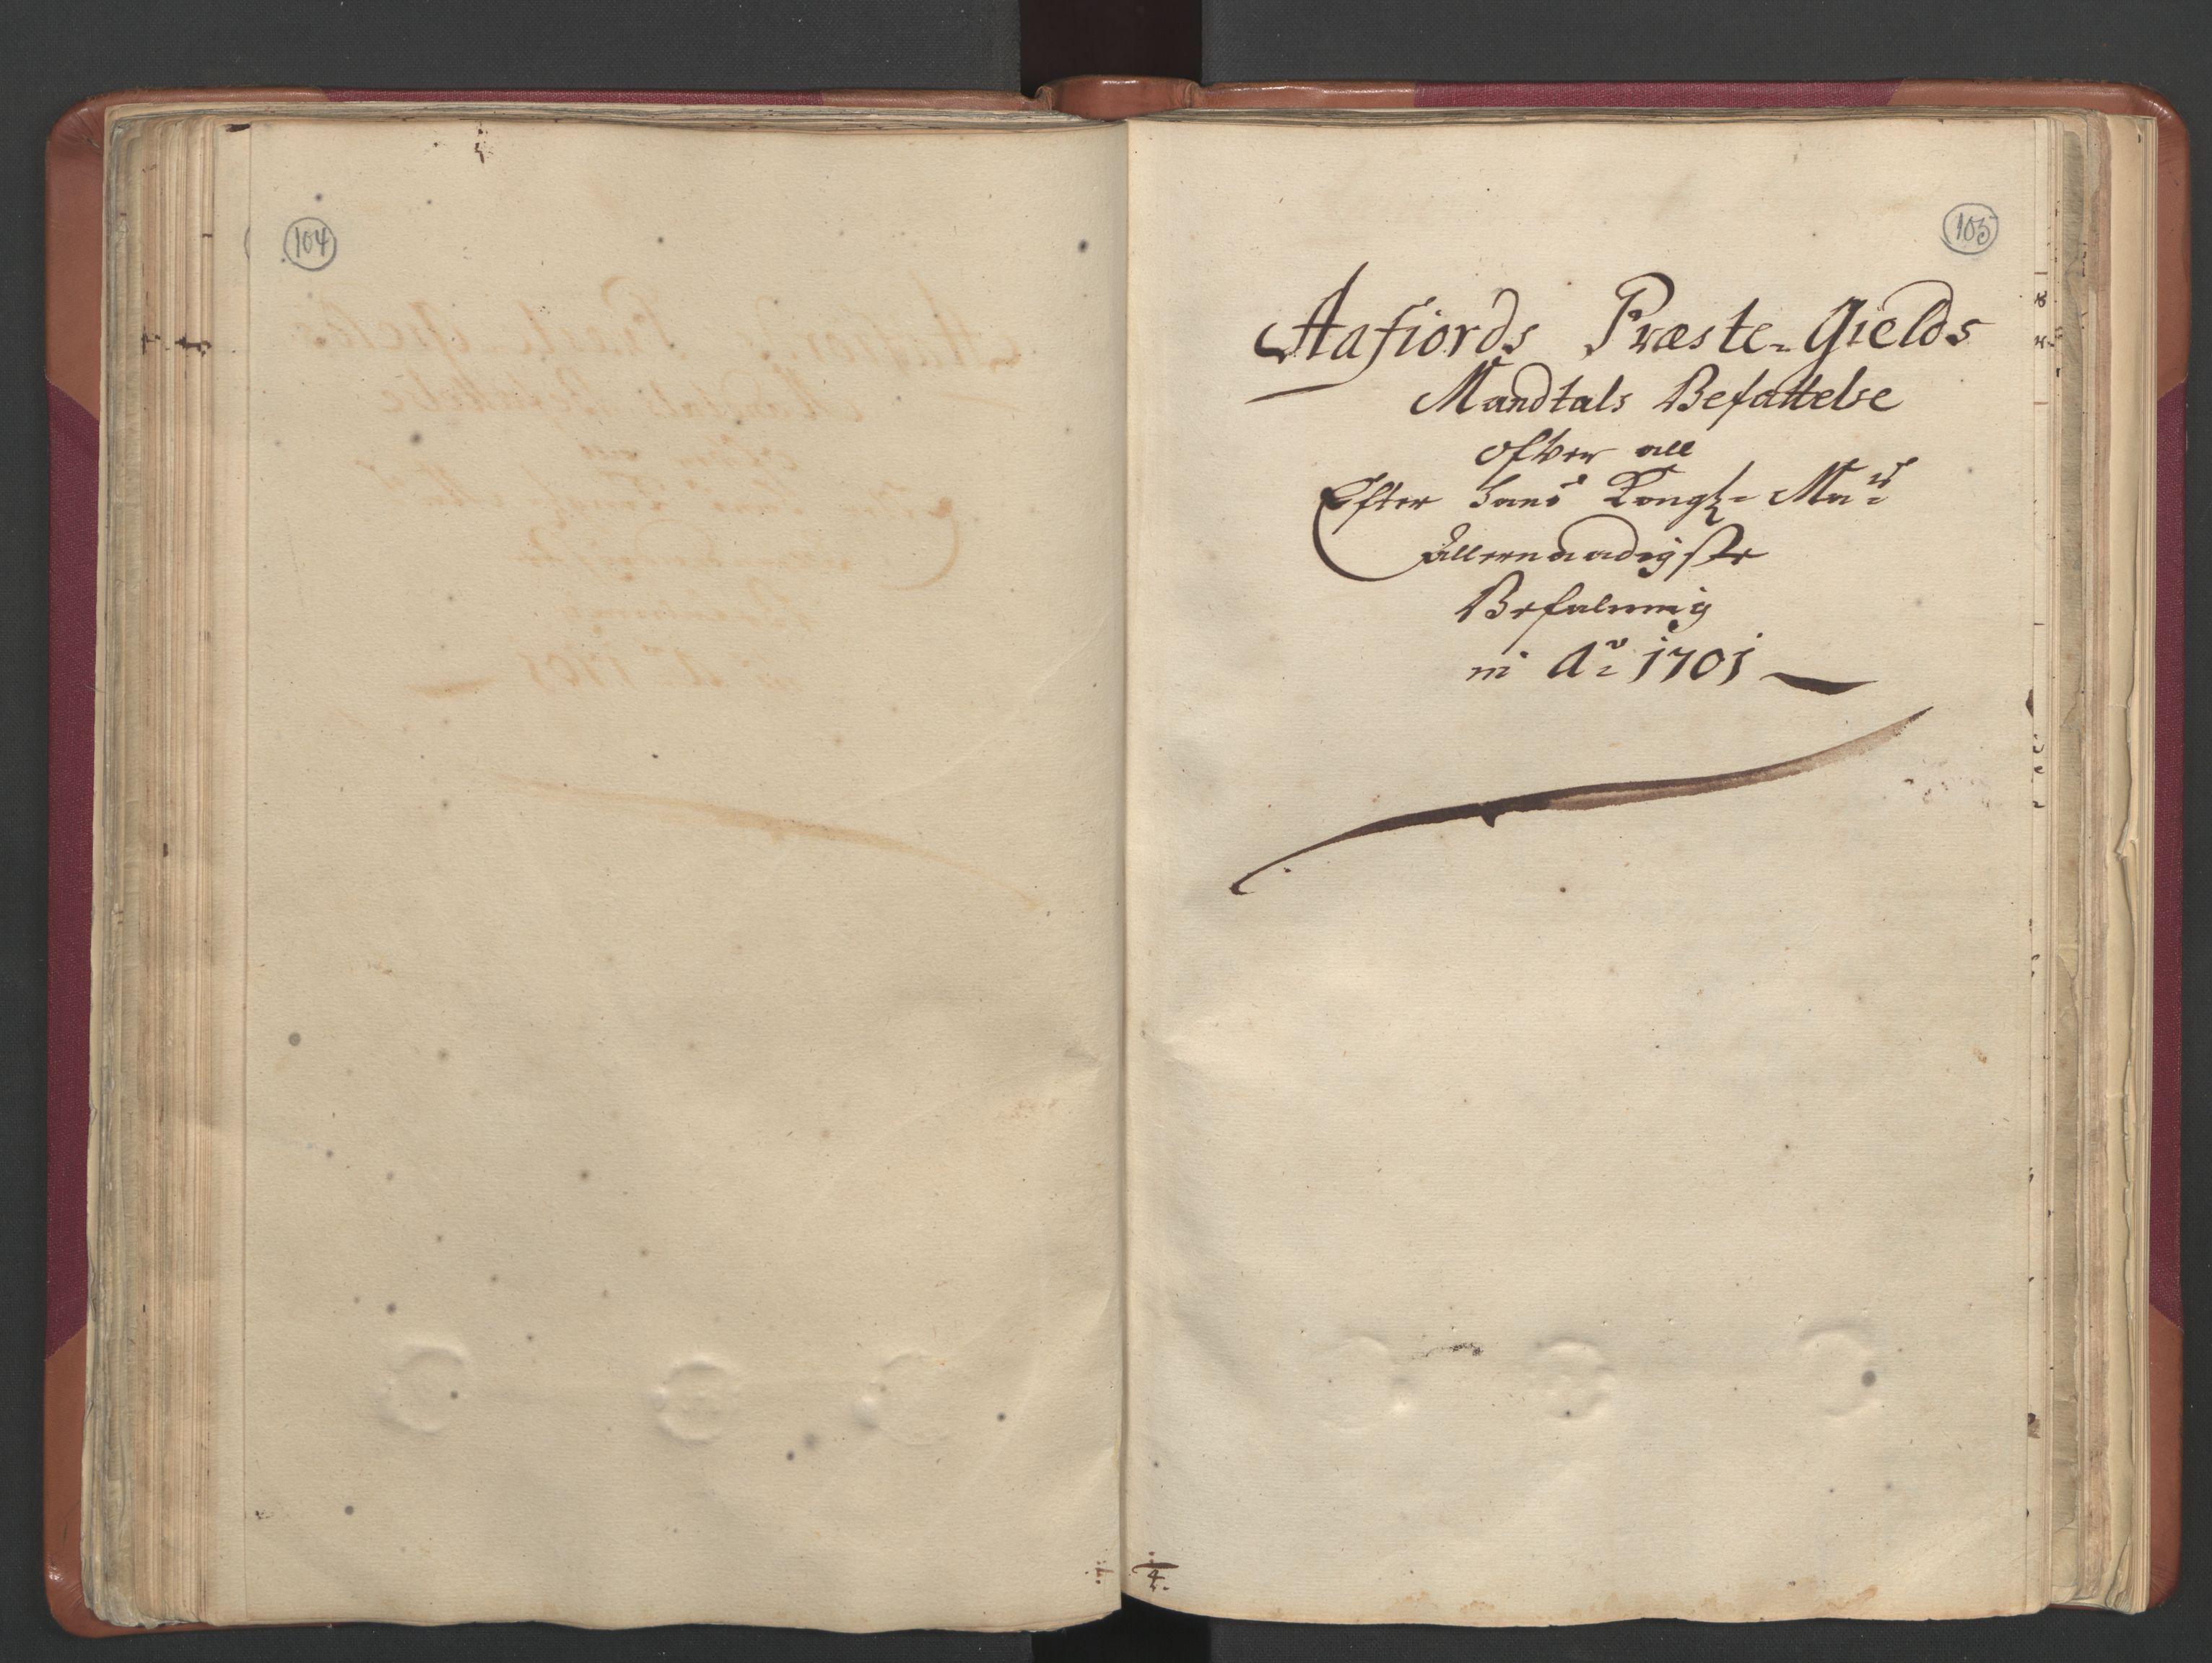 RA, Manntallet 1701, nr. 12: Fosen fogderi, 1701, s. 104-105